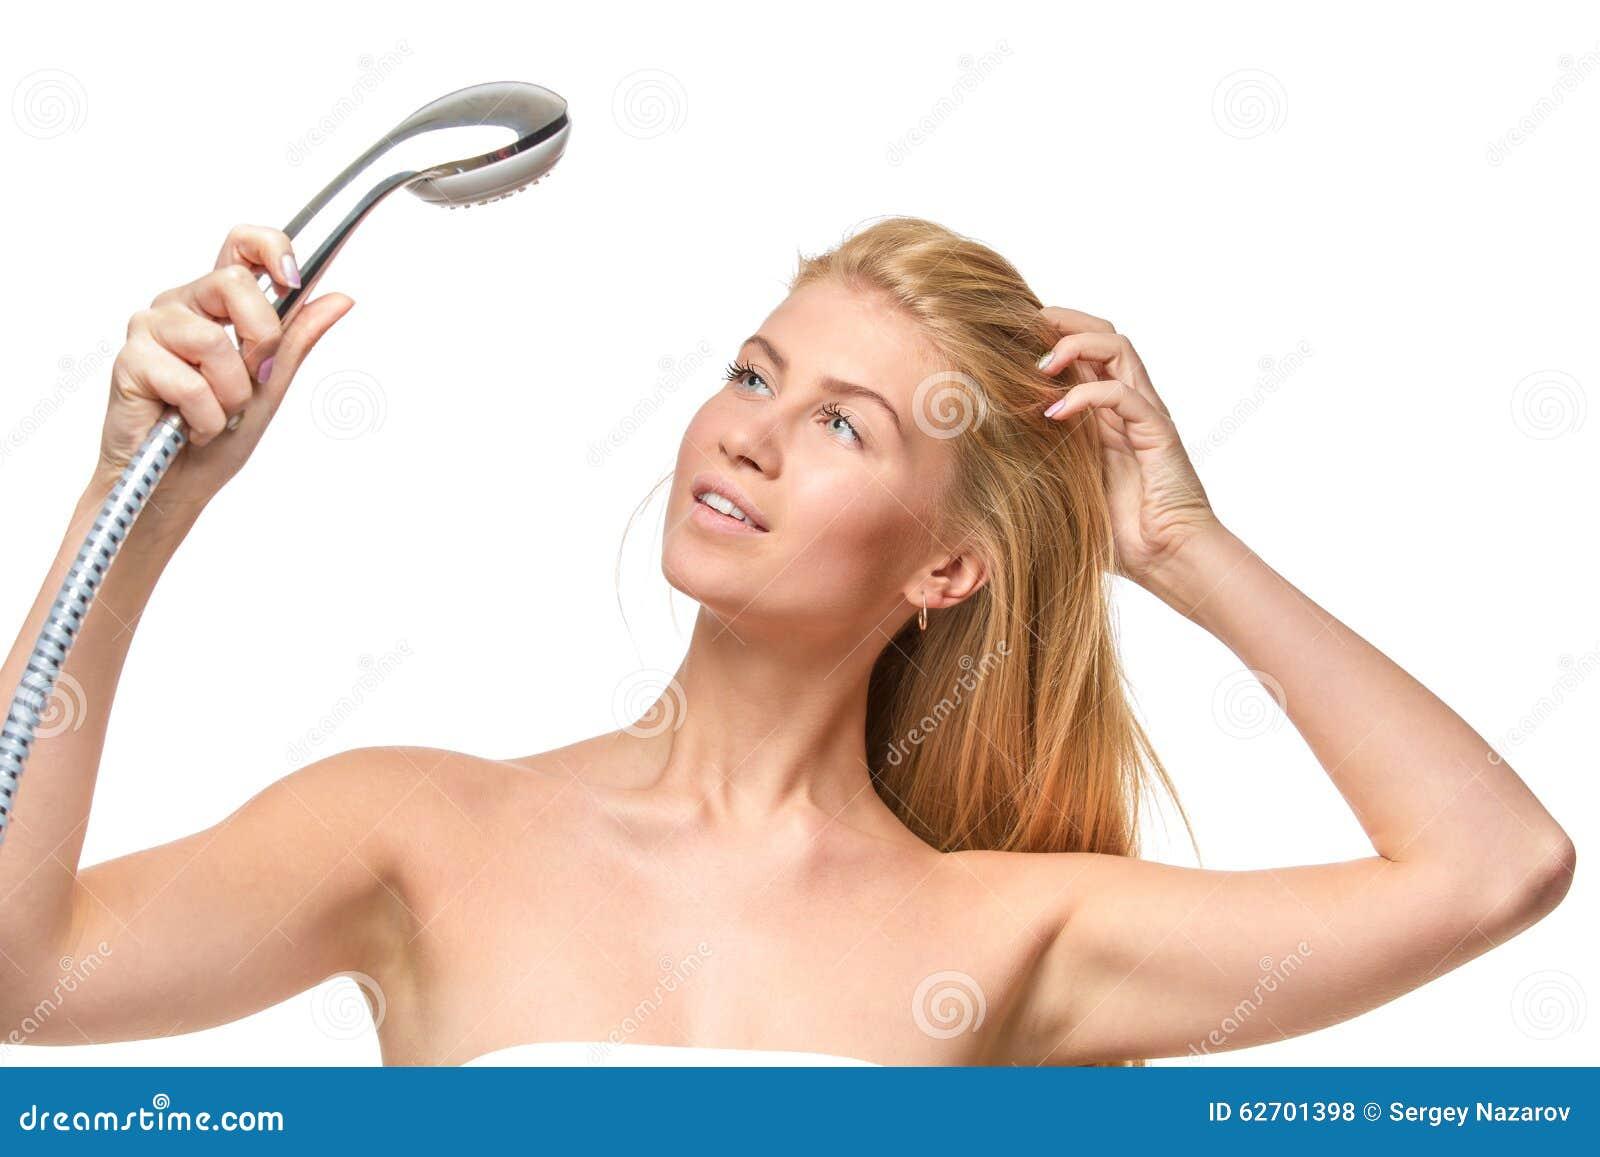 Νέα ελκυστικά ξανθά γυναίκα και μπλε μάτια σε μια πετσέτα